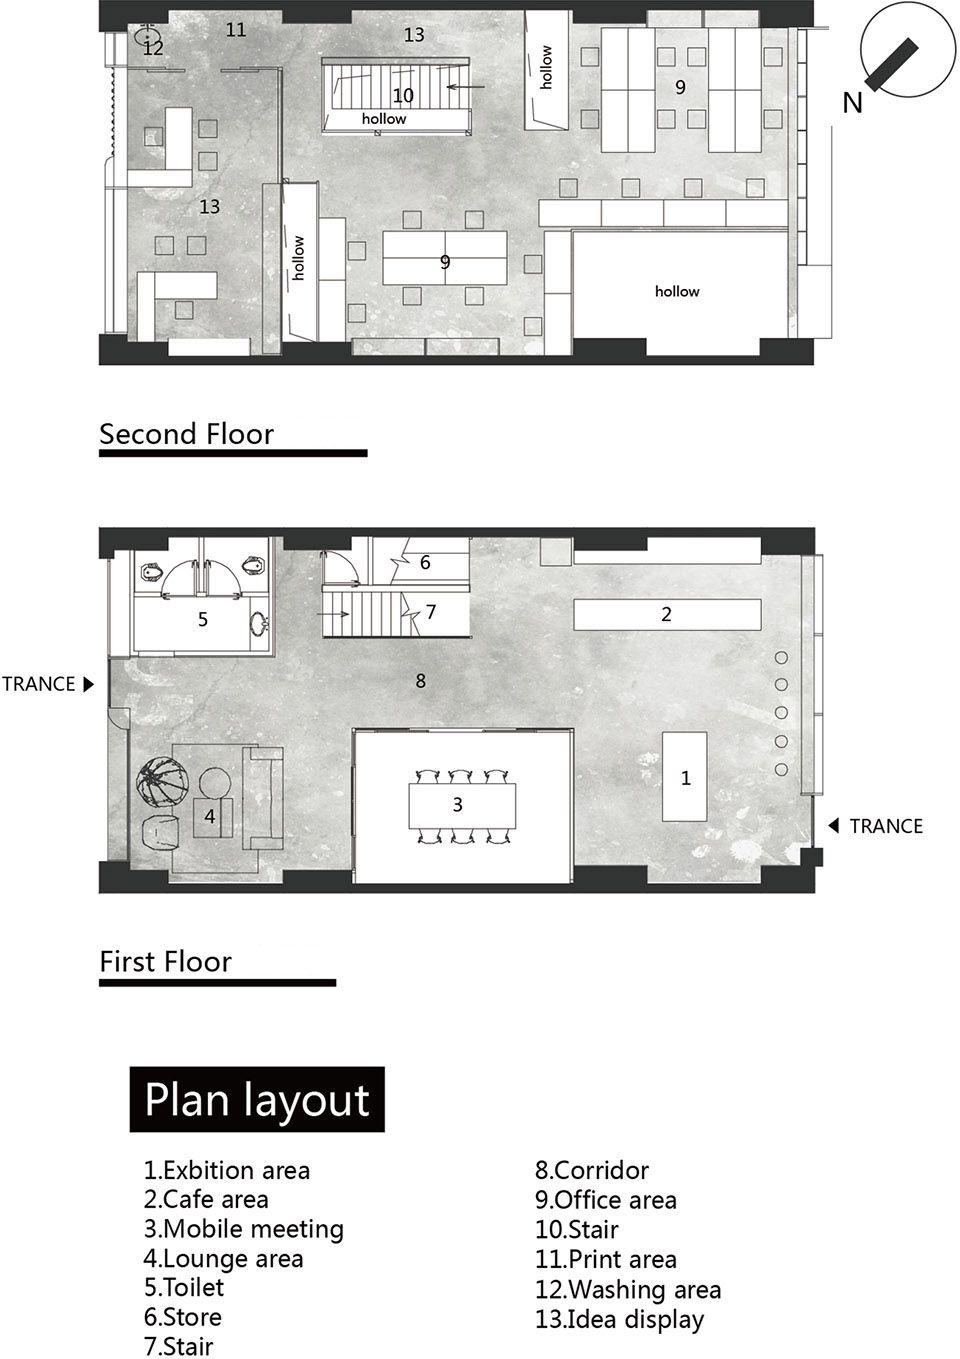 移动的玻璃盒子,广东Edgelab办公空间 | Edgelab边界实验工作室|黄智武、何钢荣 - 26